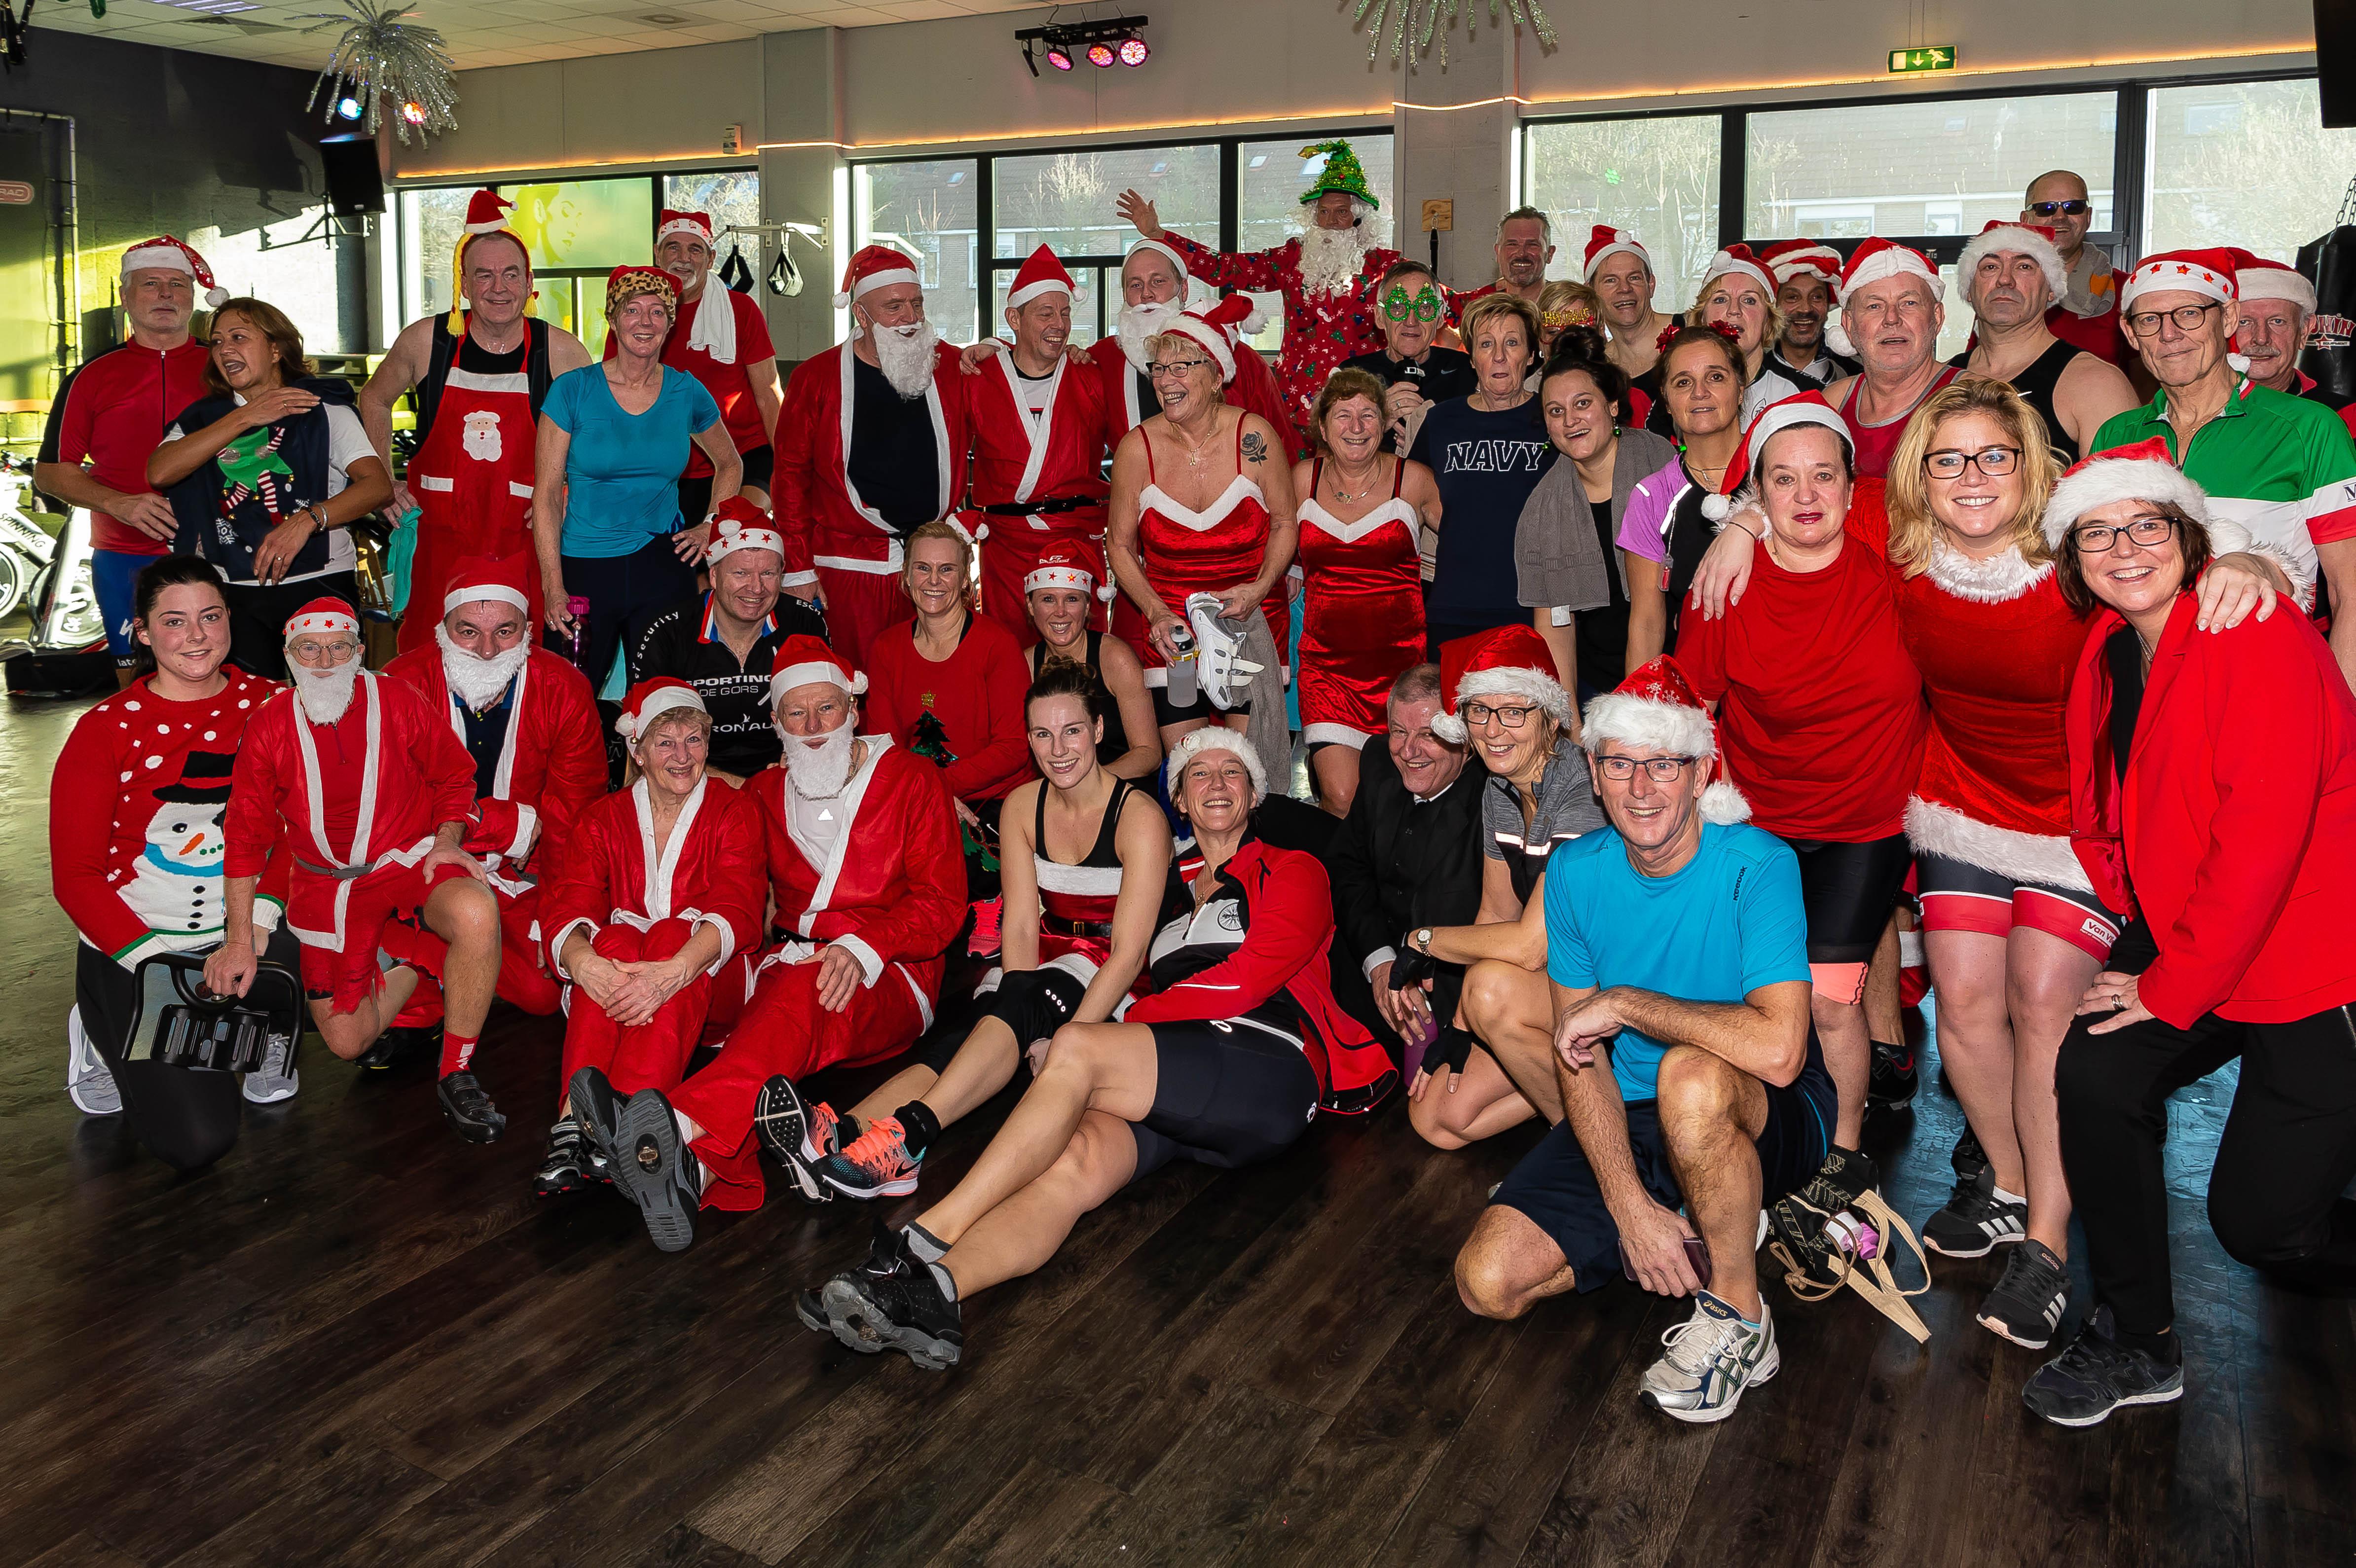 Iedereen was in kerstsfeer gekleed. Een deelnemer verscheen zelfs in driedelig kostuum. (Foto: Han Giskes)